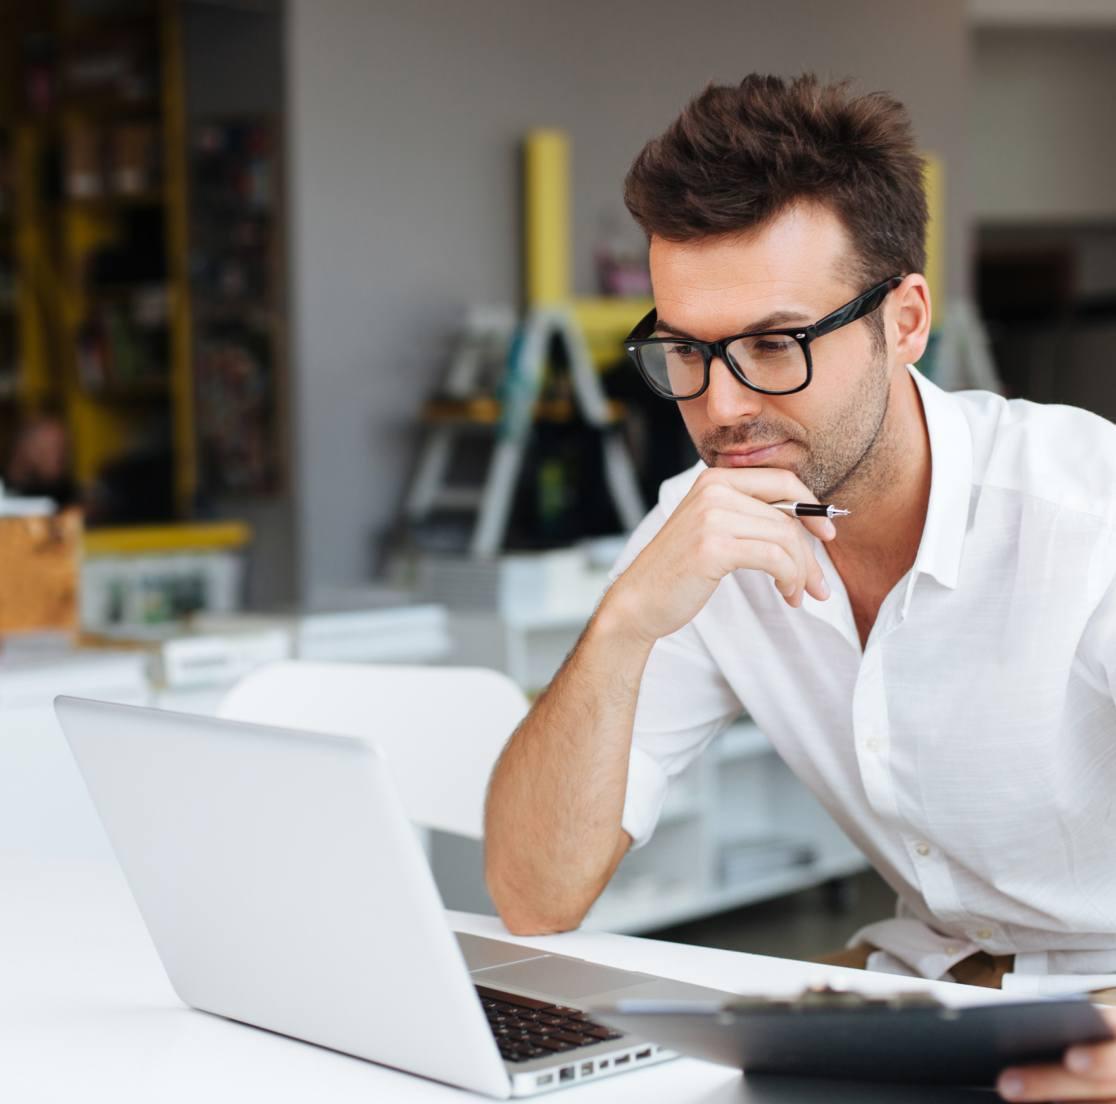 Comment calculer sa marge en dropshipping en tant qu'auto-entrepreneur ?